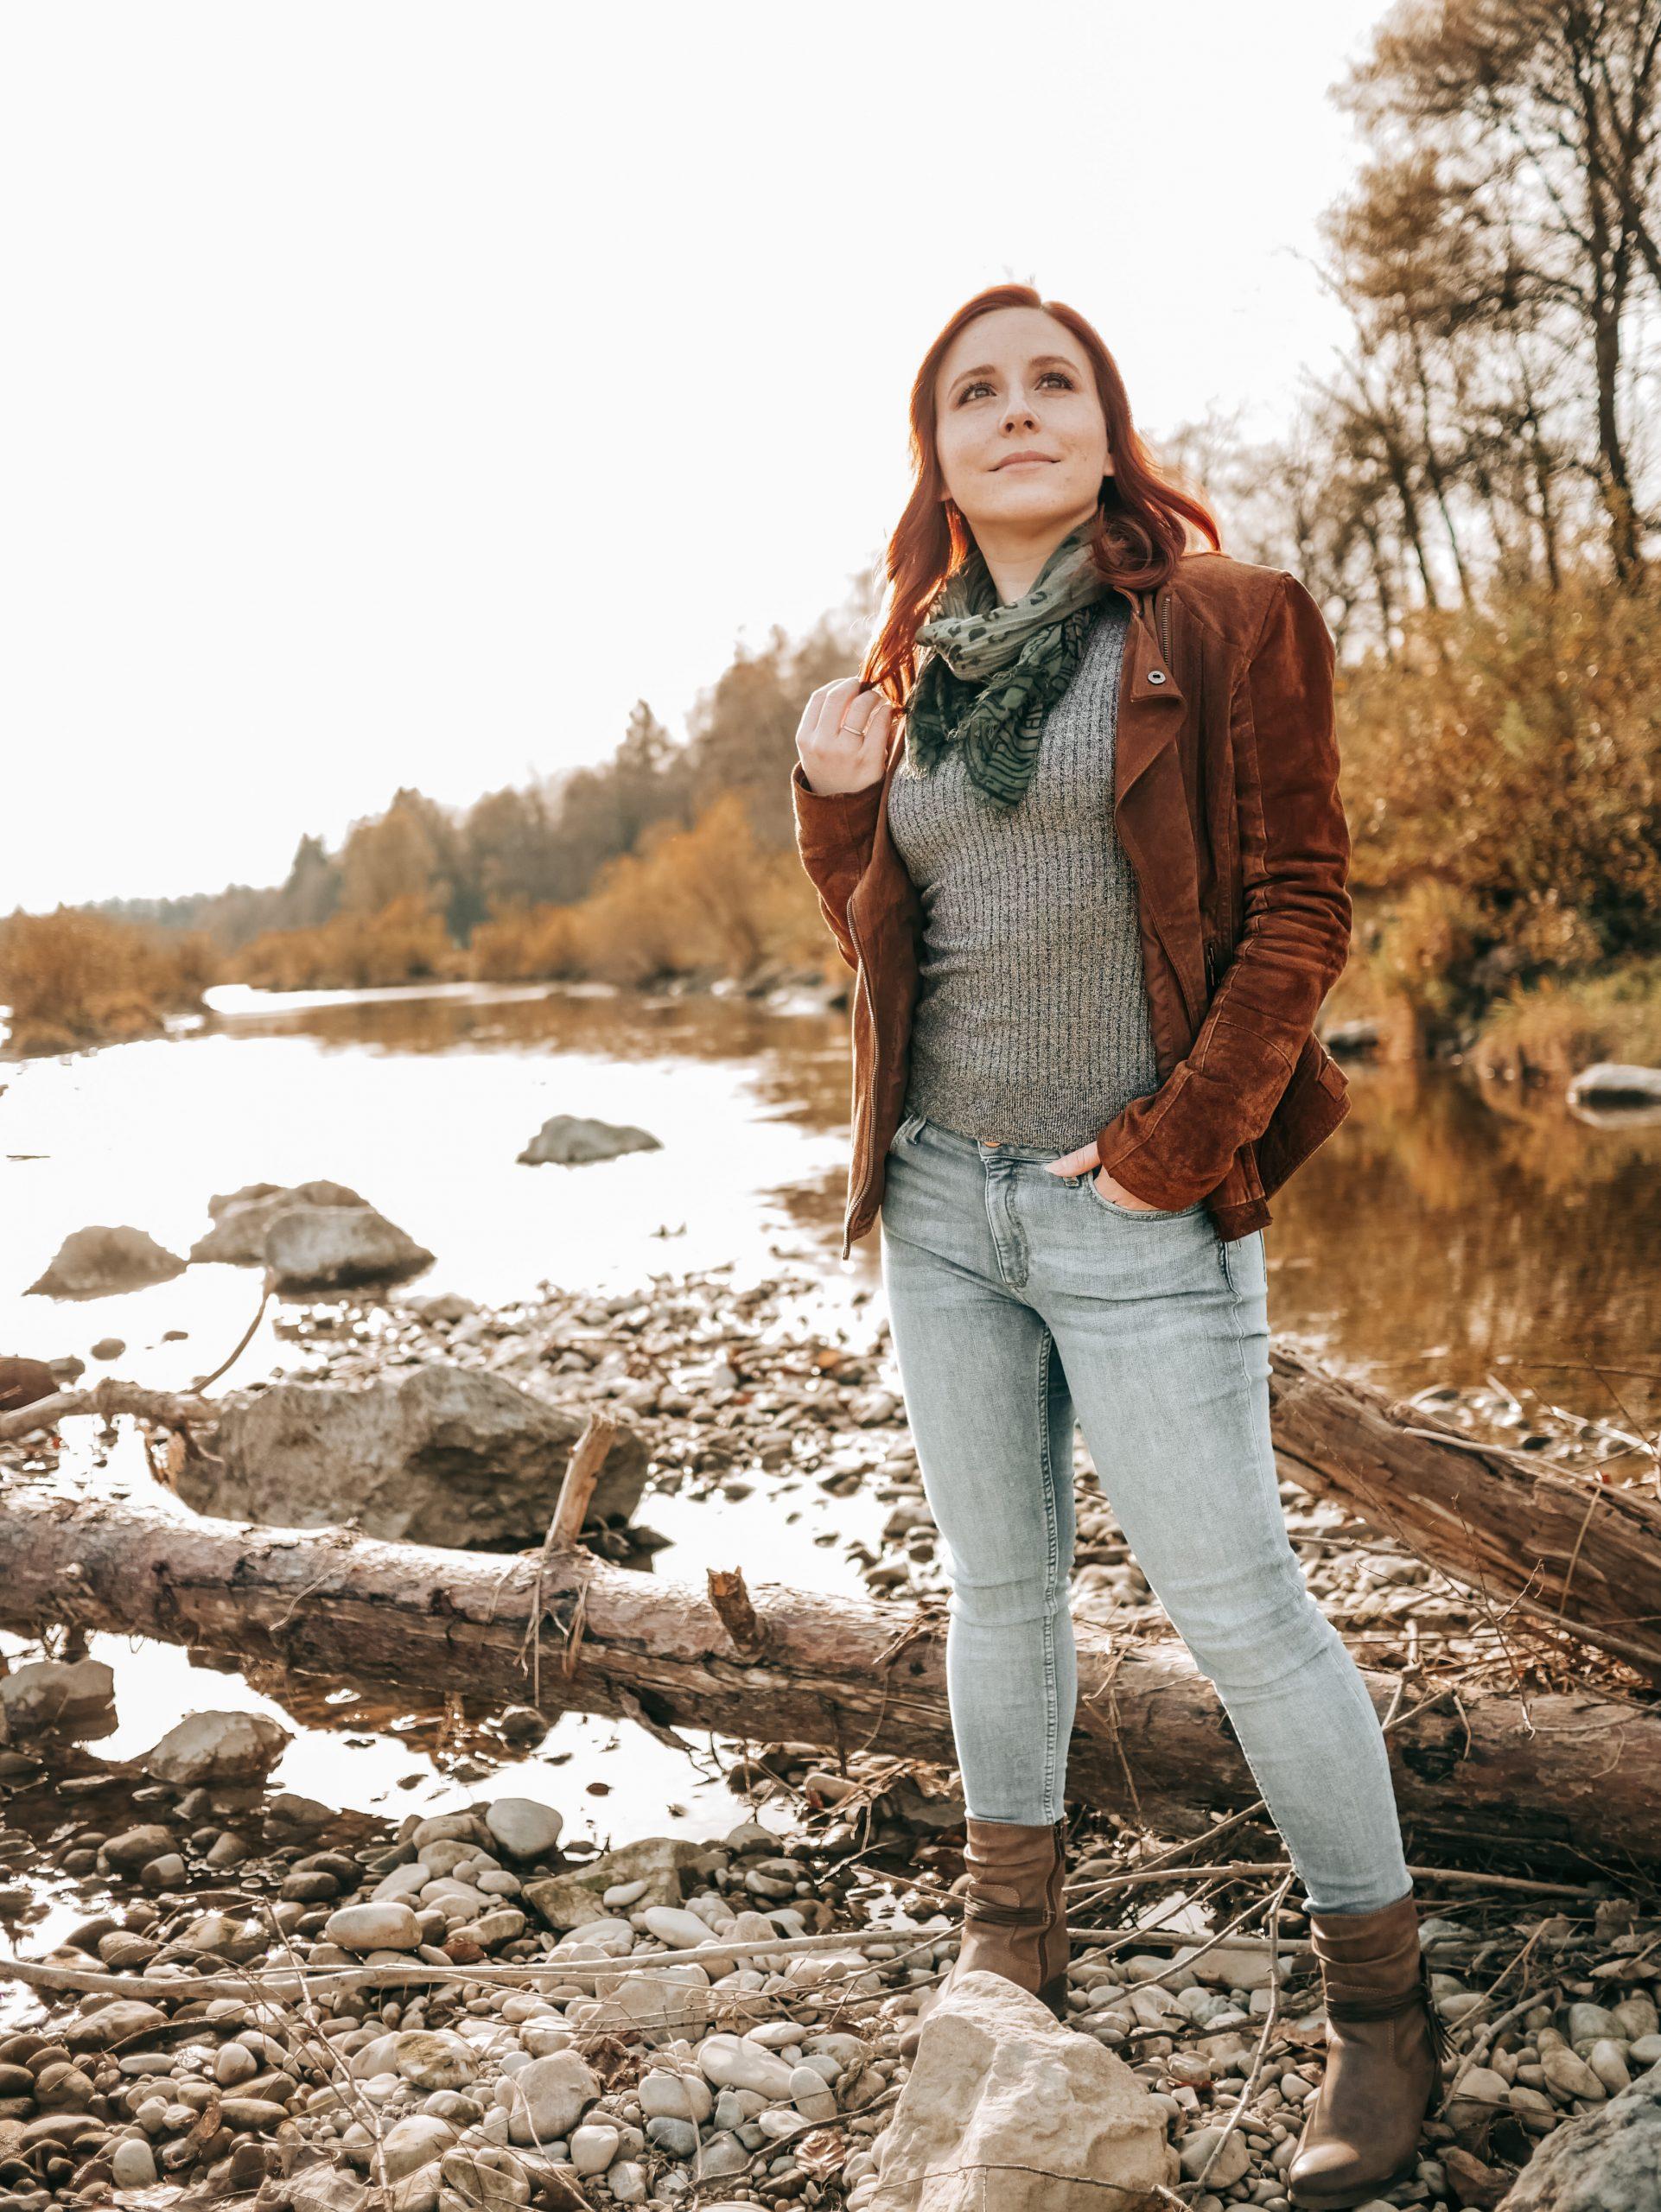 Frau steht am Wasser vor einem Baumstamm und blickt hoffnungsvoll nach oben.